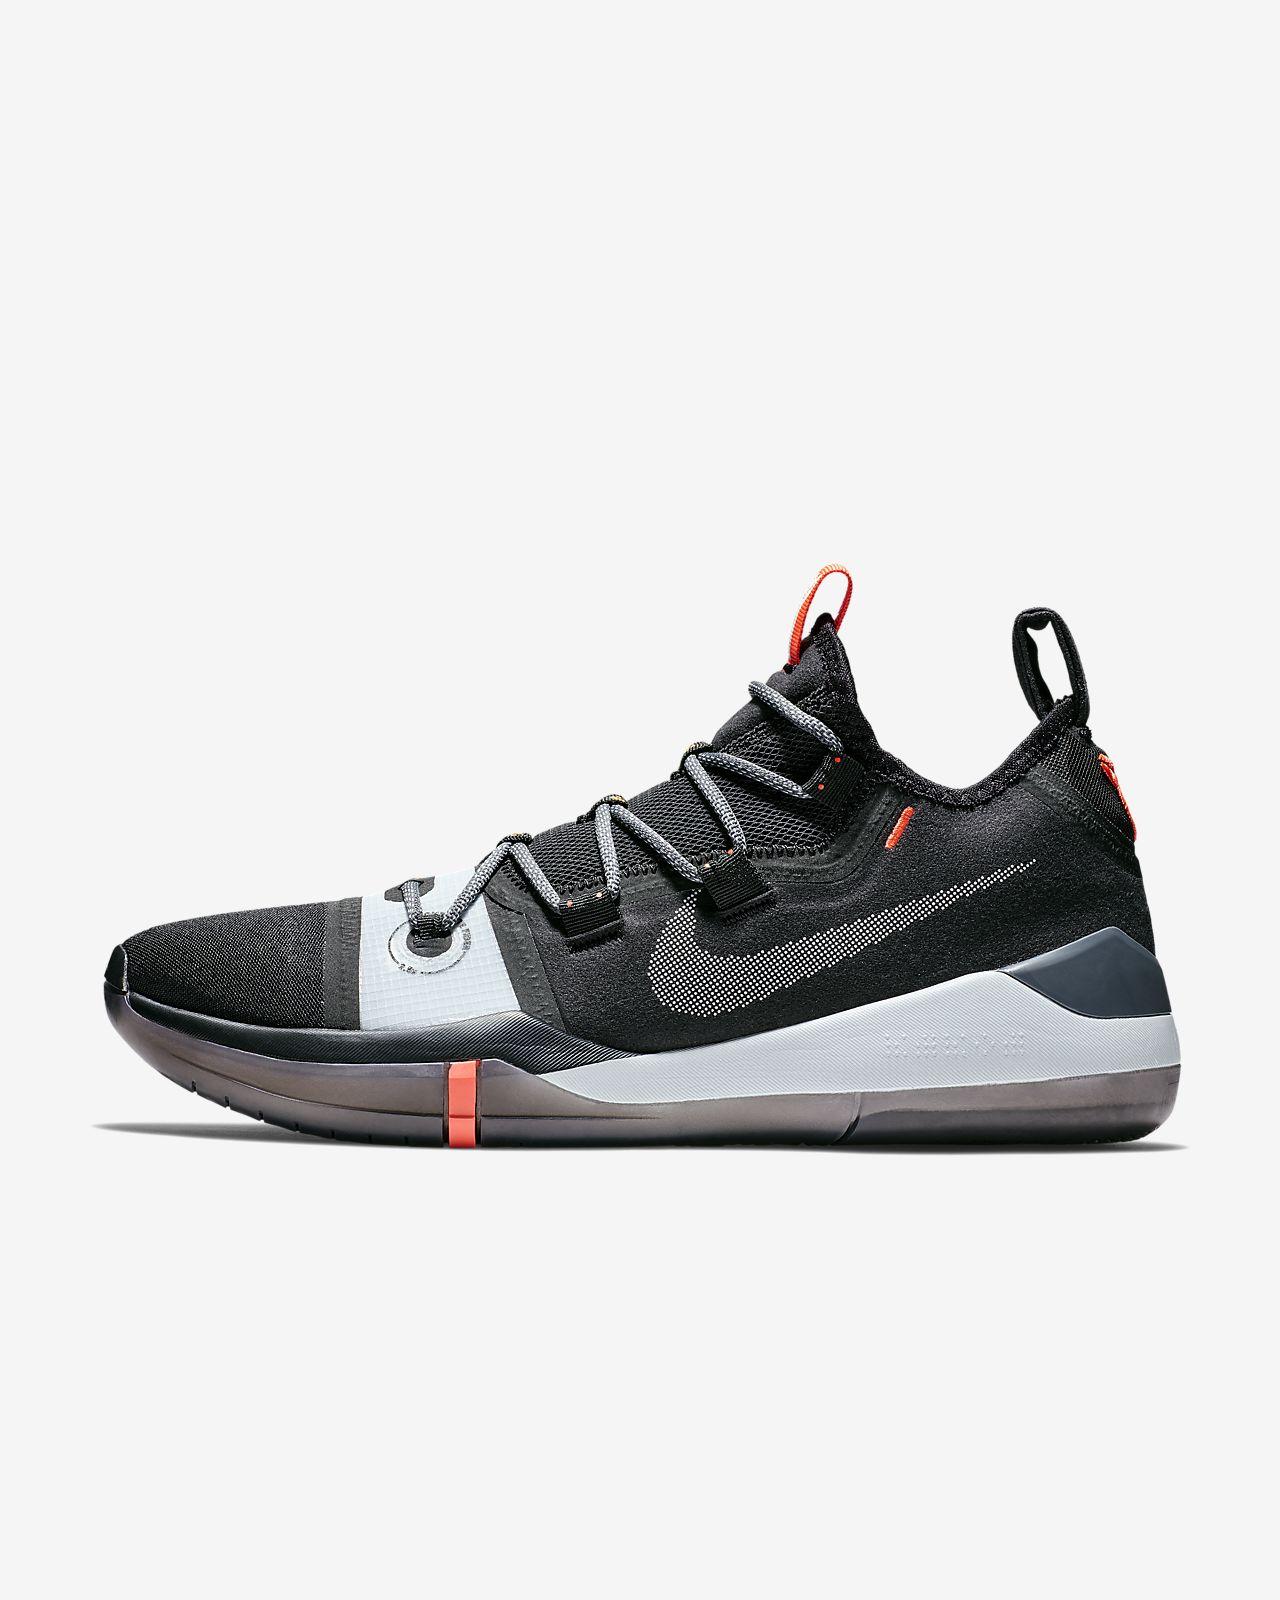 Kobe AD Mens Shoe